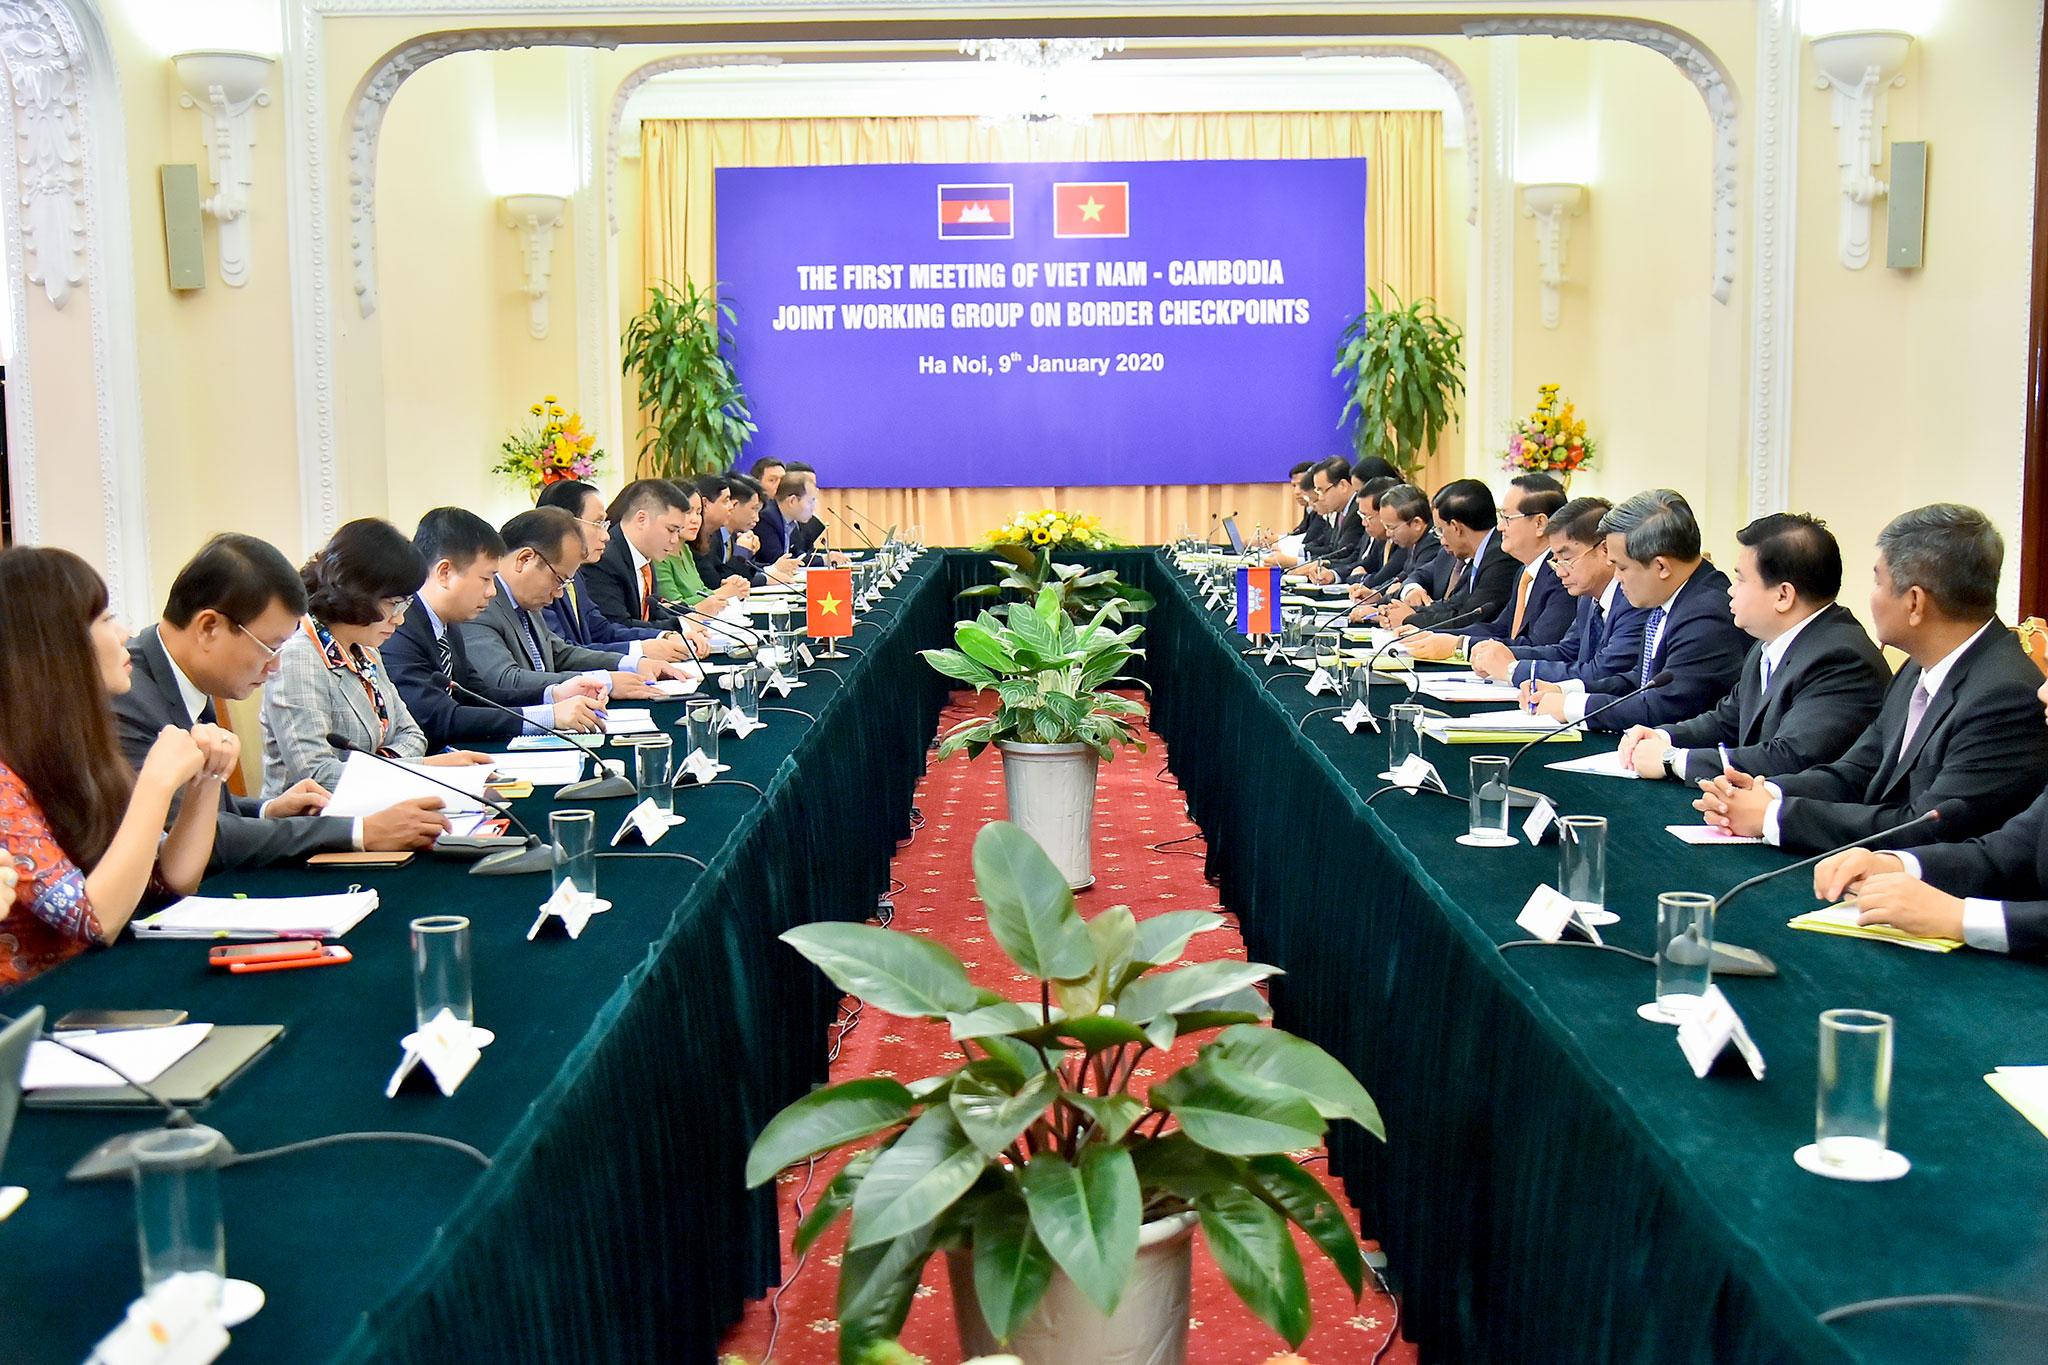 Cuộc họp vòng I Nhóm công tác hỗn hợp về cửa khẩu biên giới trên đất liền Viêt Nam - Campuchia